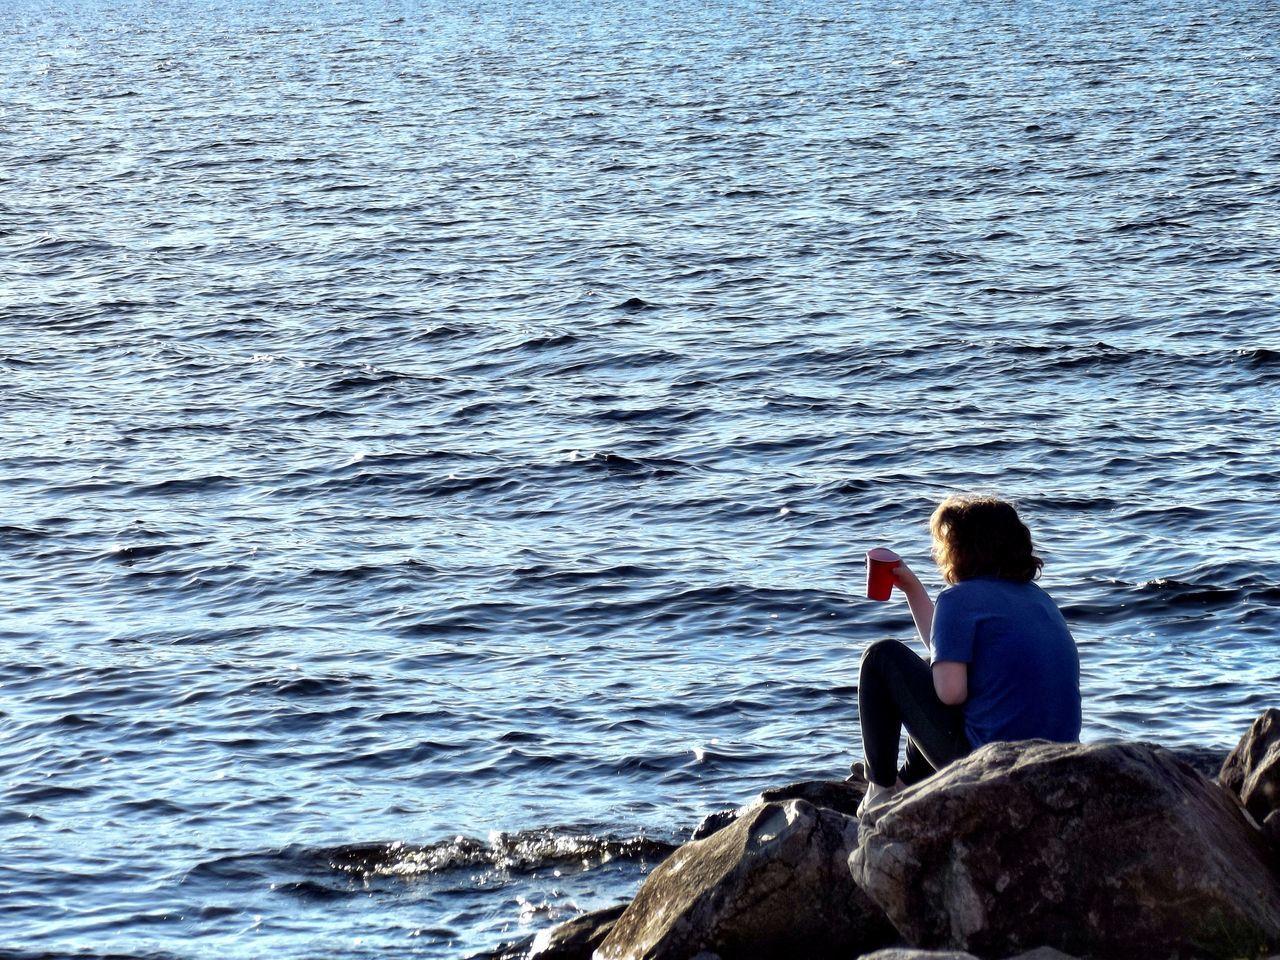 Woman Enjoying Drink At Rock At Seaside